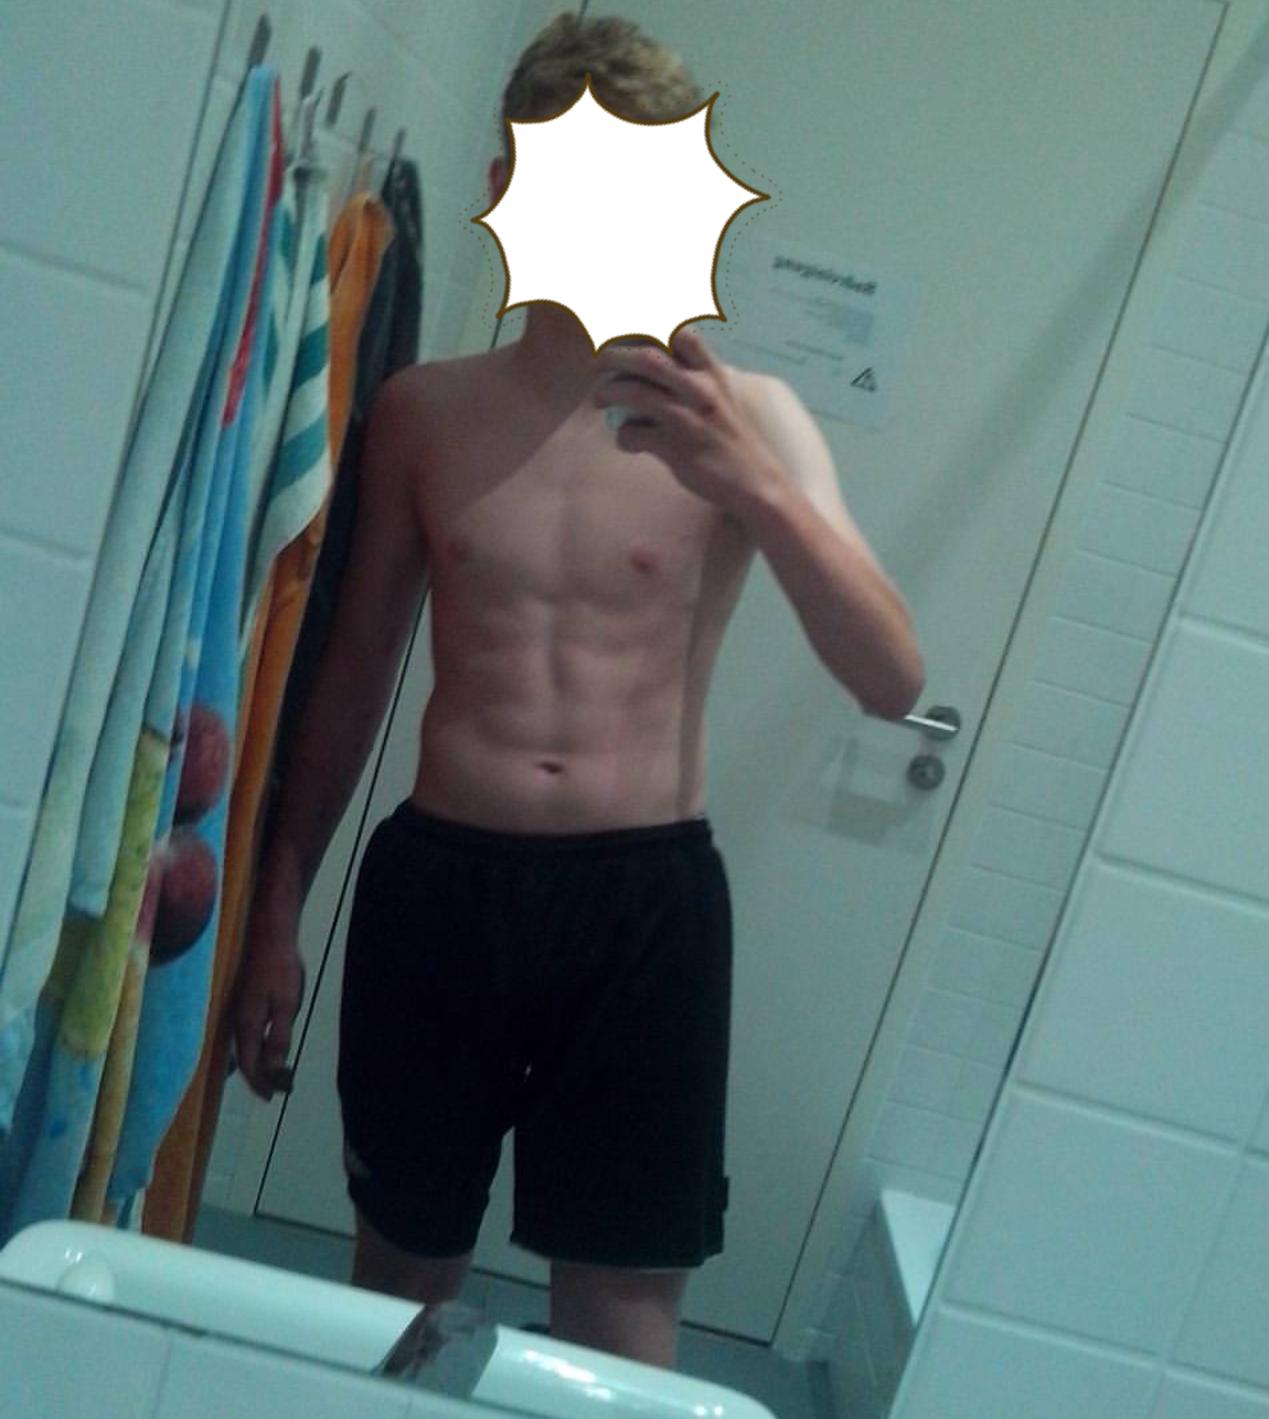 Jungs Sixpack / Für mein Alter zu viel Muskeln? (Mädchen